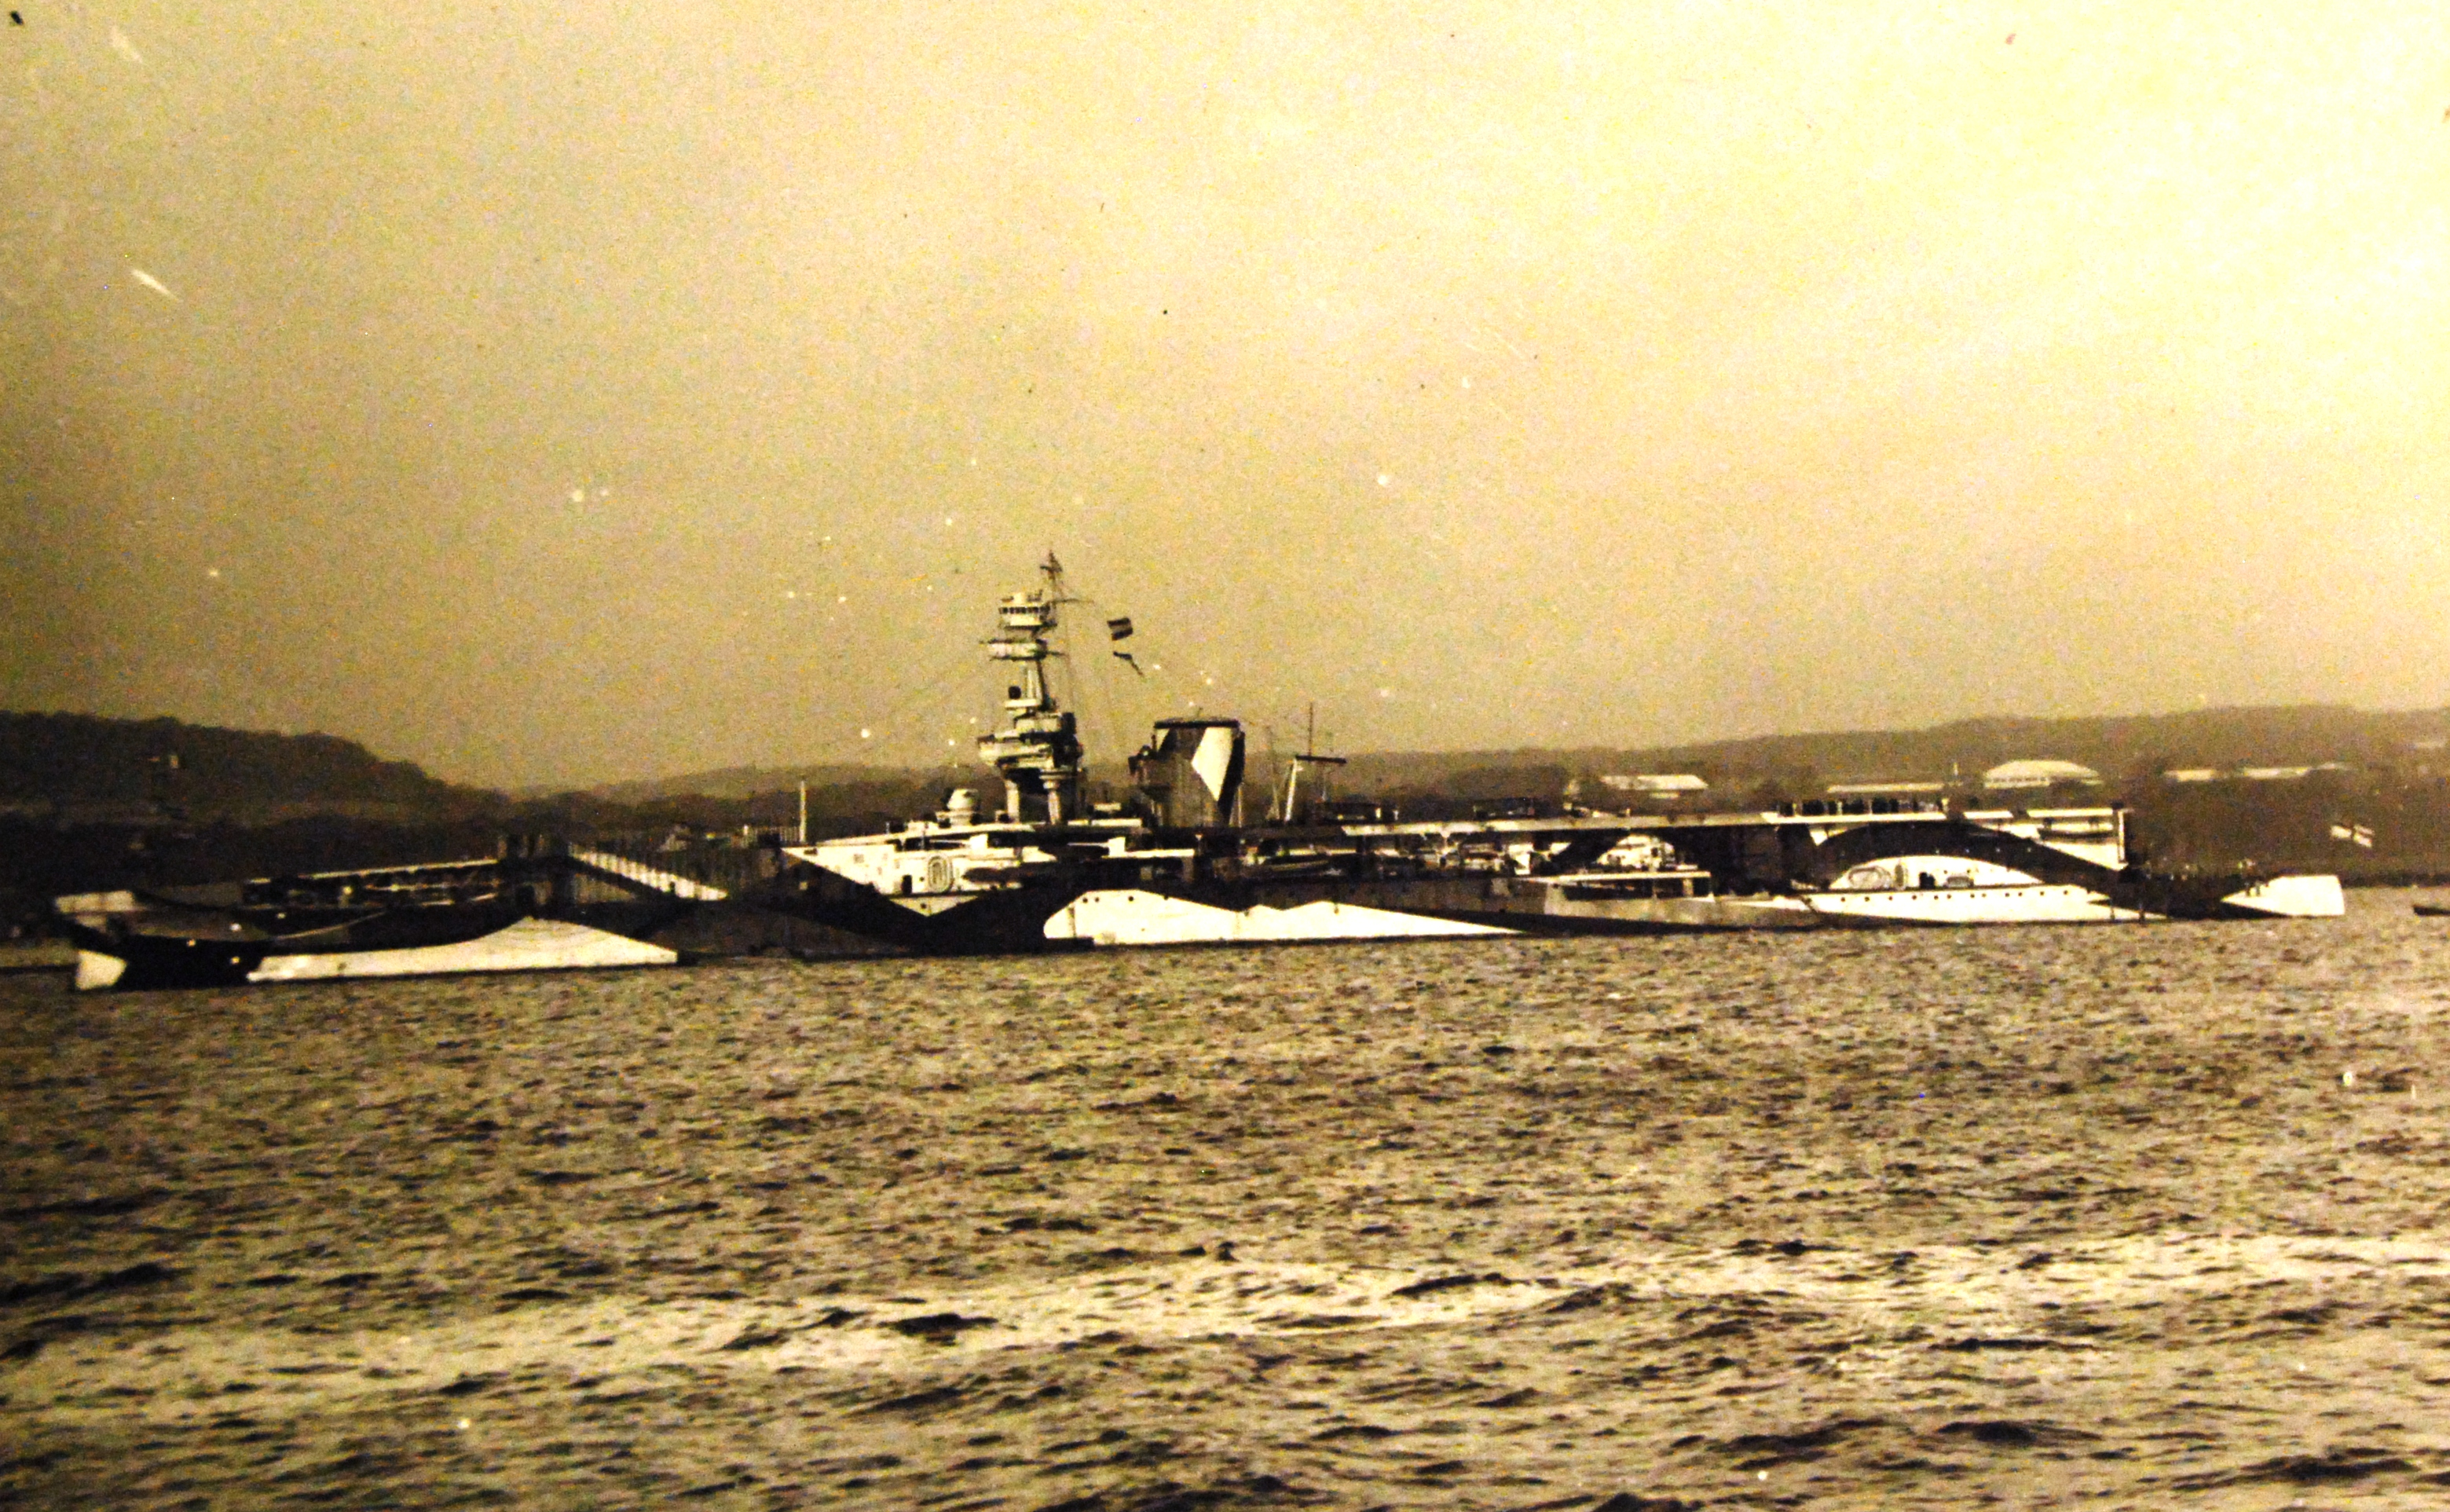 котлеты фото довоенных авианосцев царское время николаев лично фотографии очень